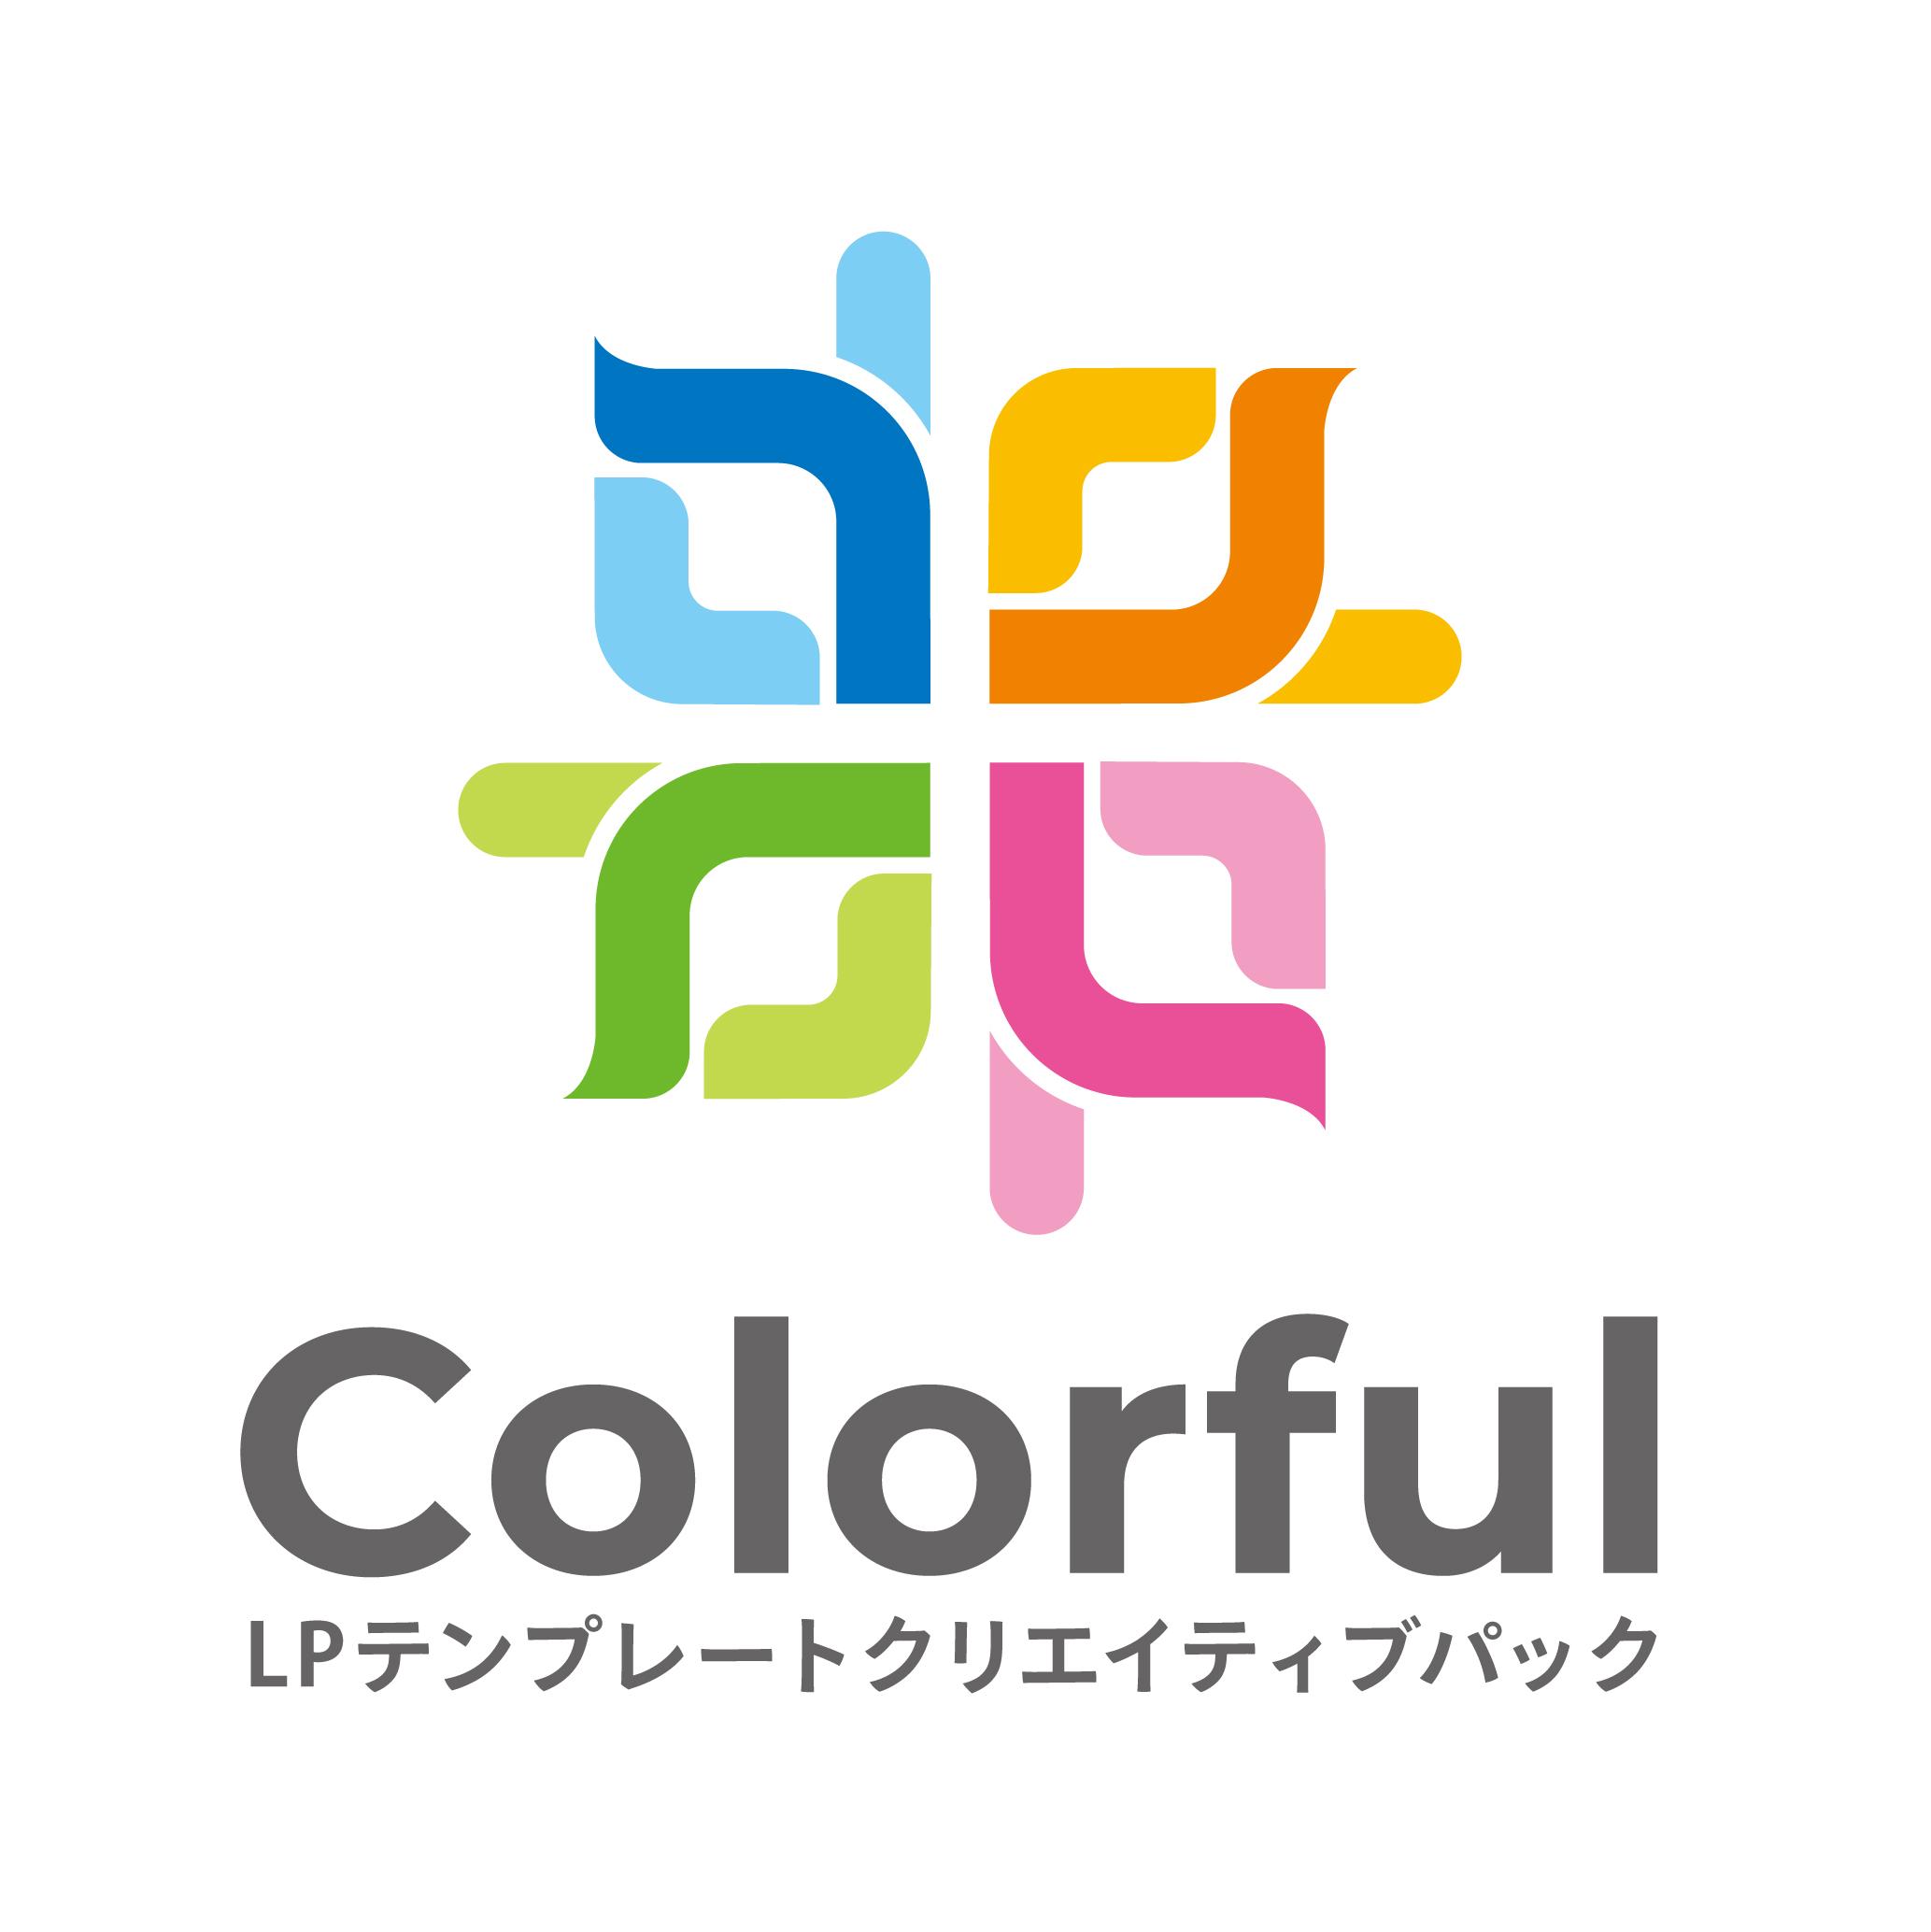 LPテンプレートクリエイティブパック「Colorful(カラフル)」 画像